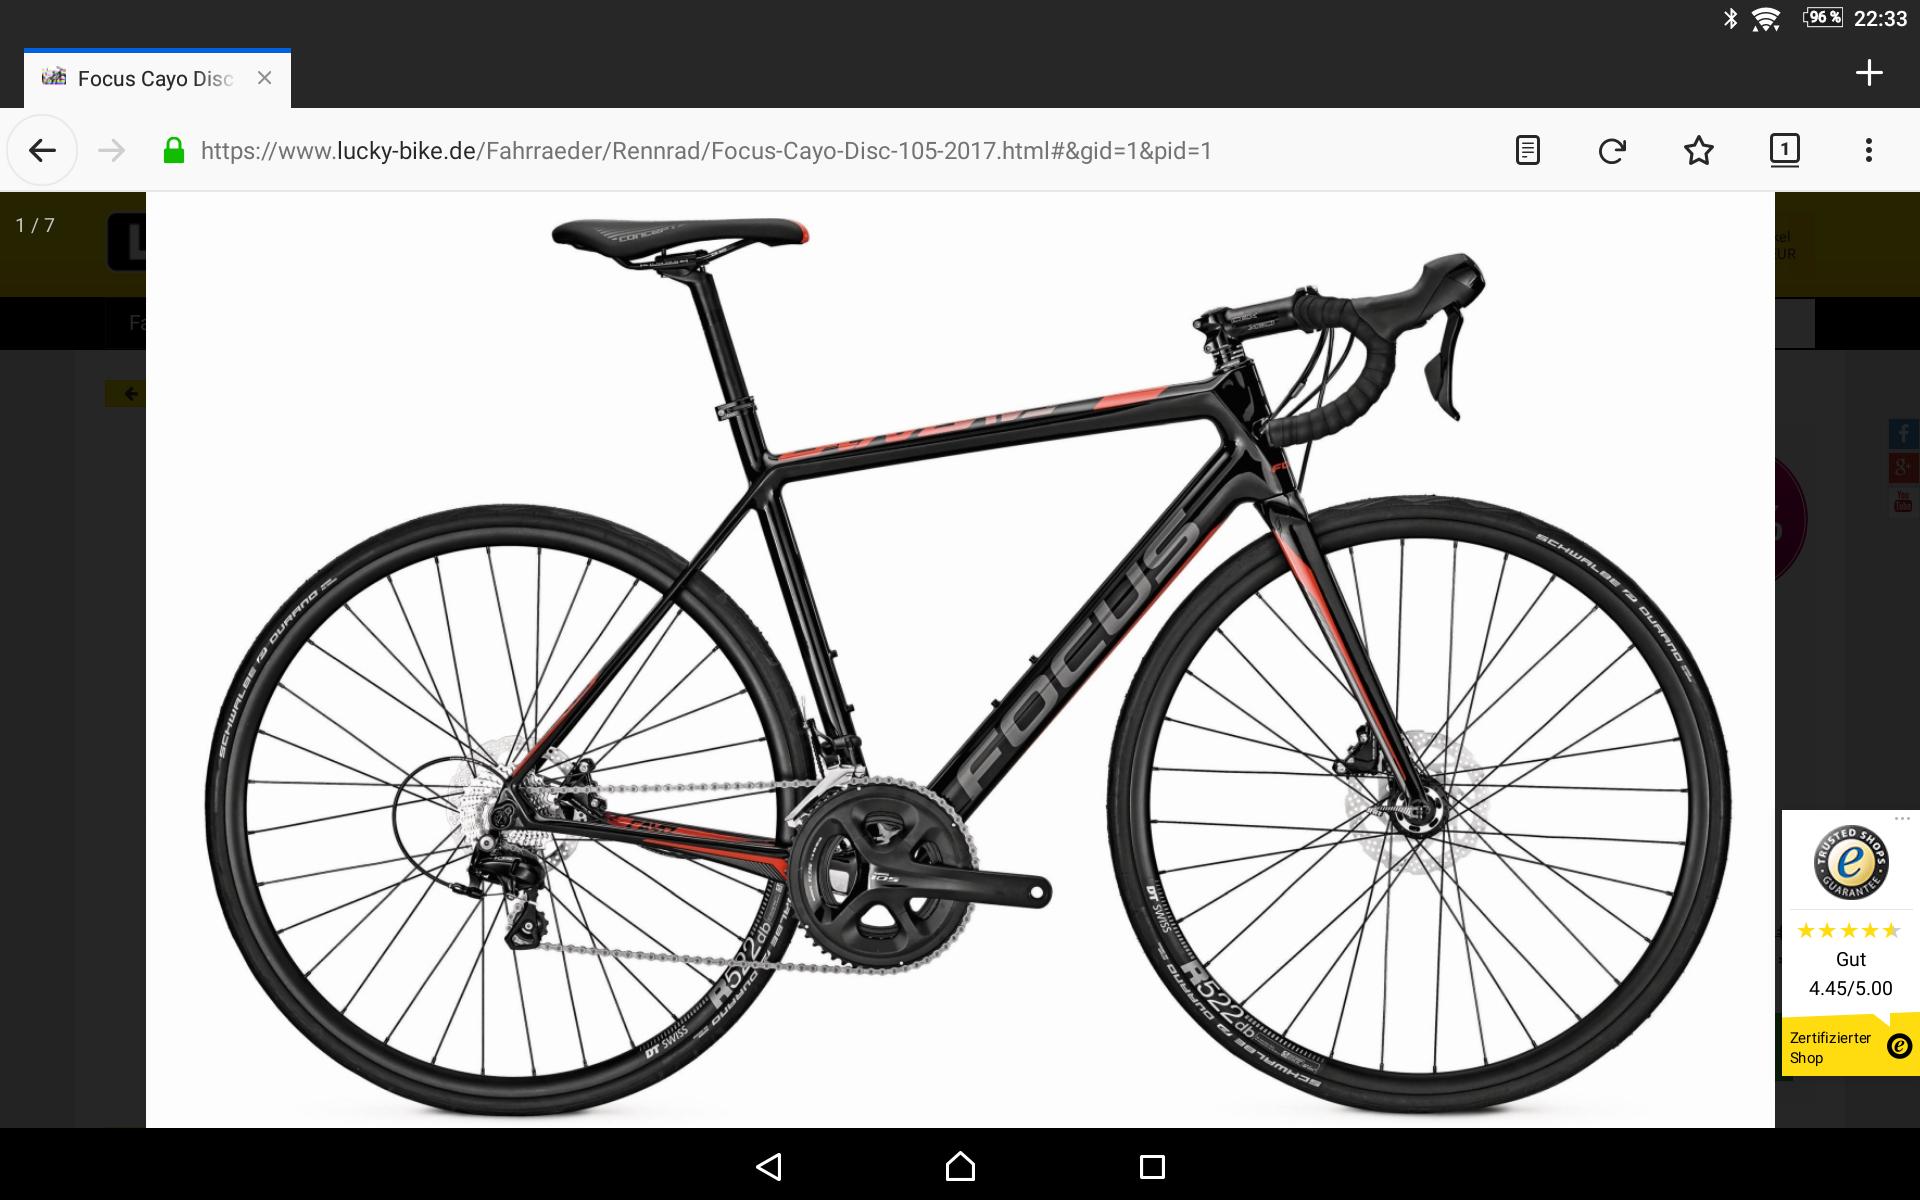 Focus Cayo disc 105 Rennrad Carbon - UVP: 2499€